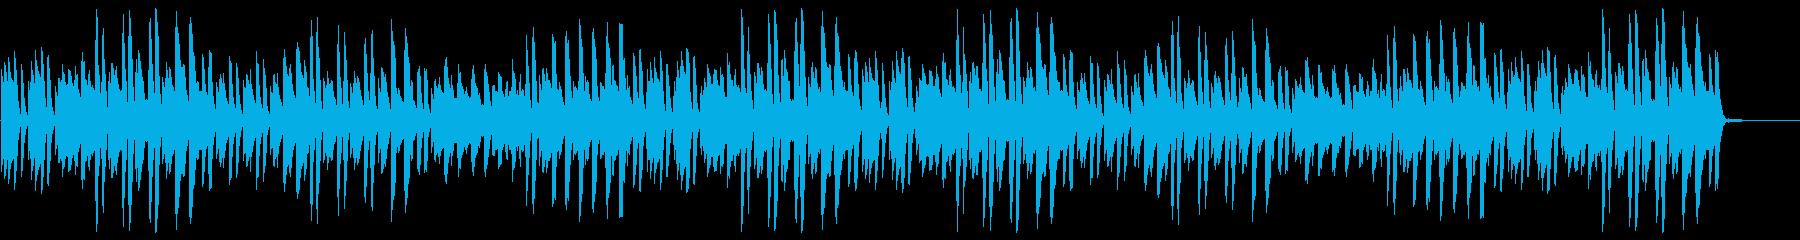 猫踏んじゃった【ピアノ】(アップテンポ)の再生済みの波形